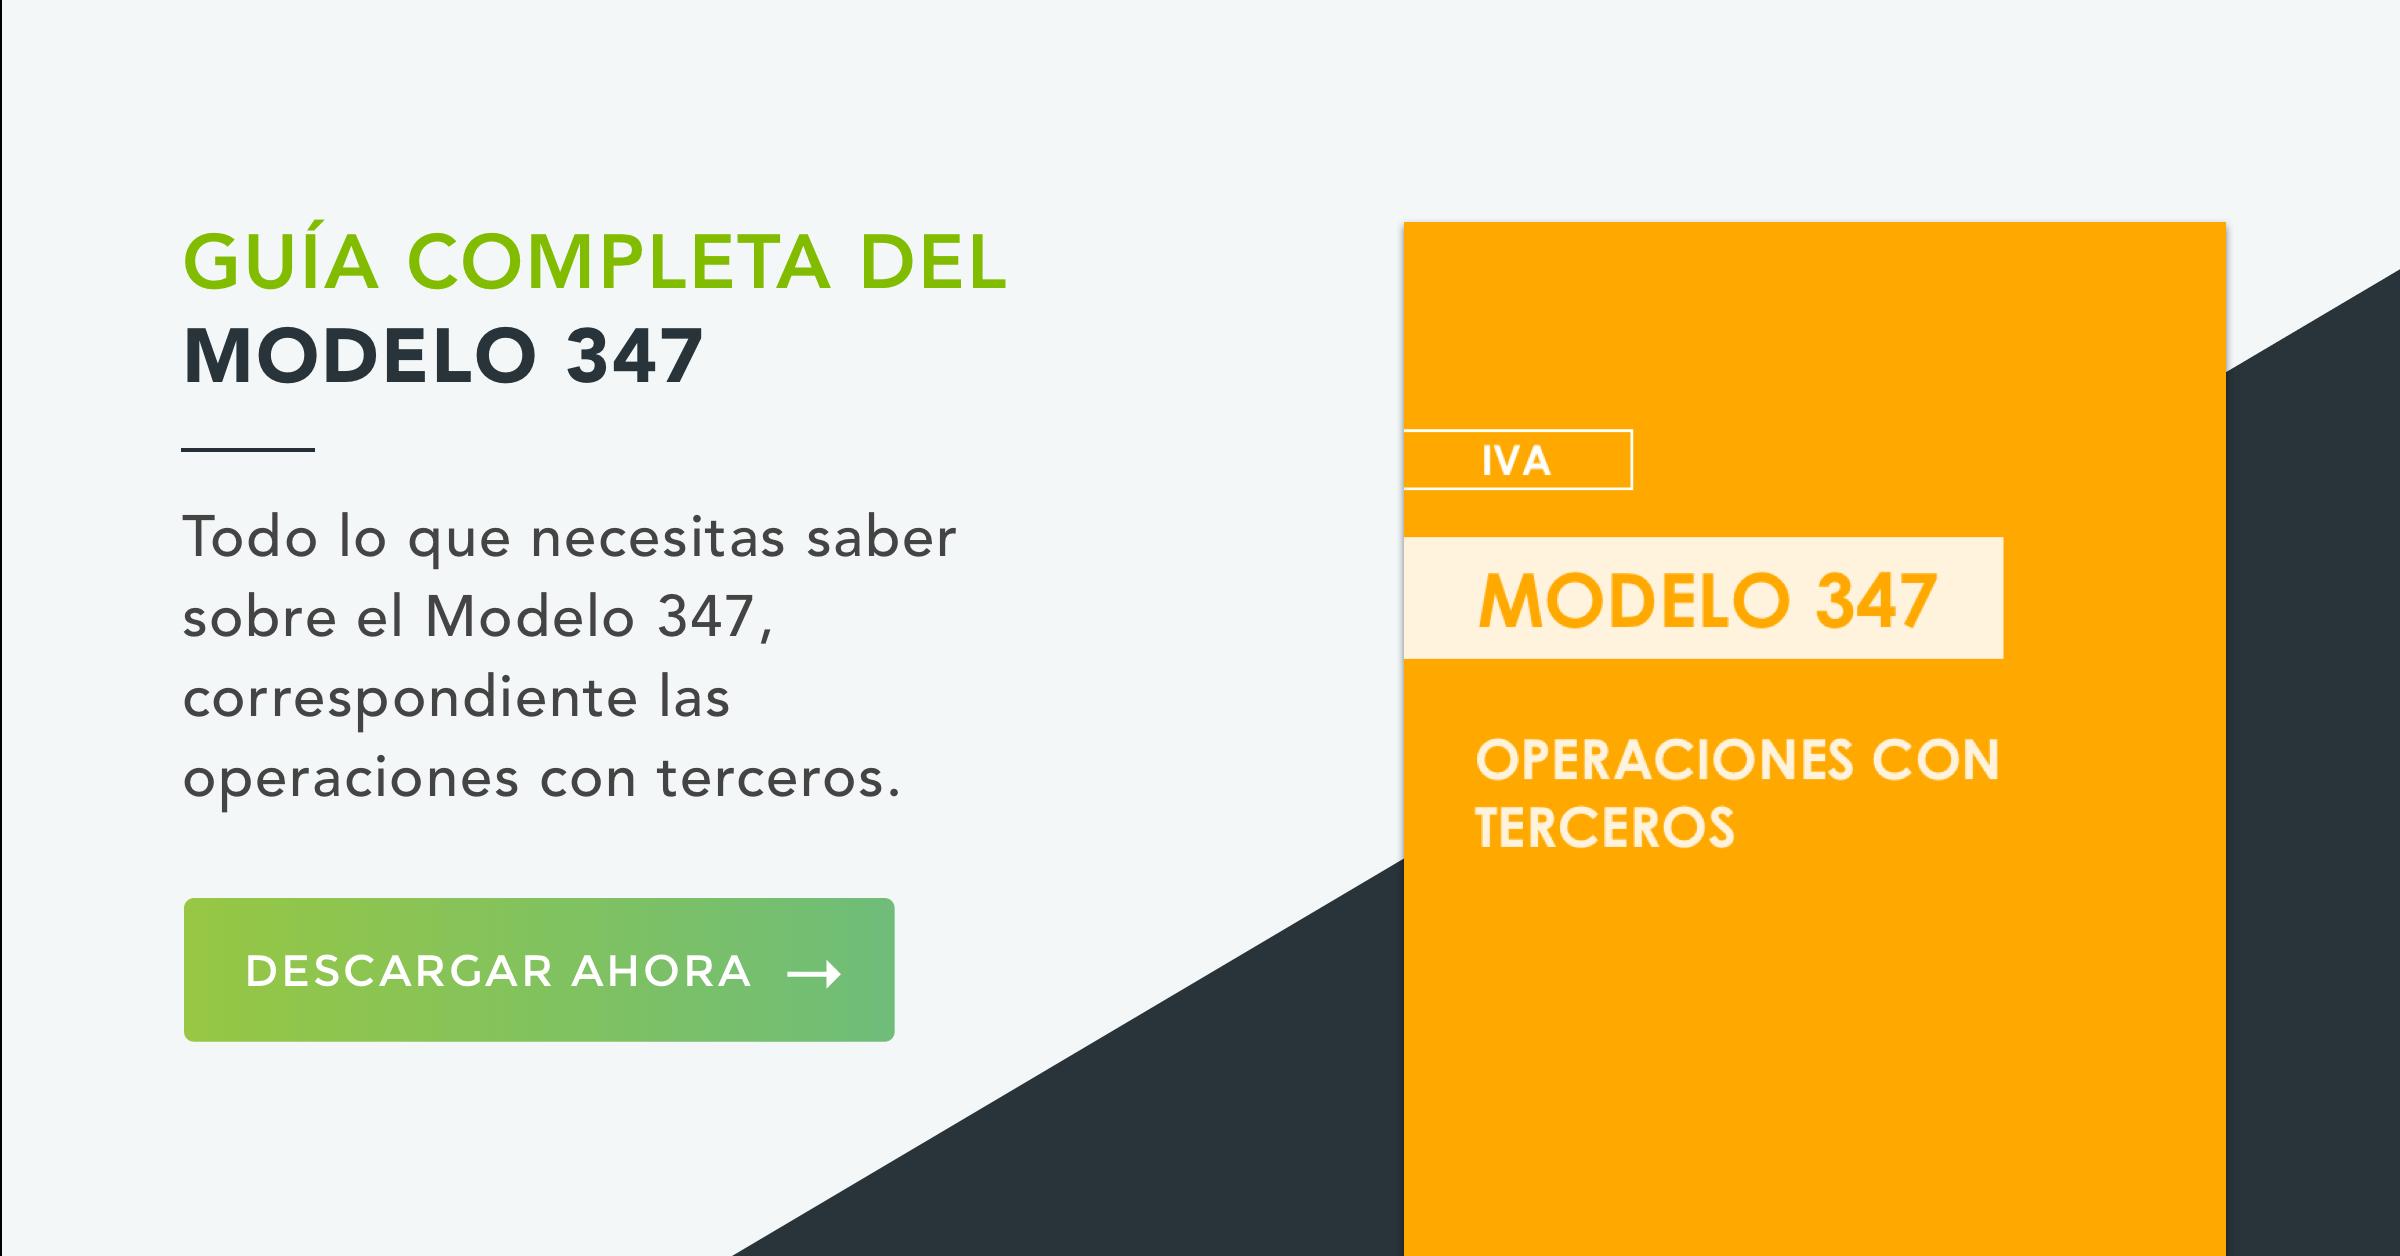 Modelo 347 IVA